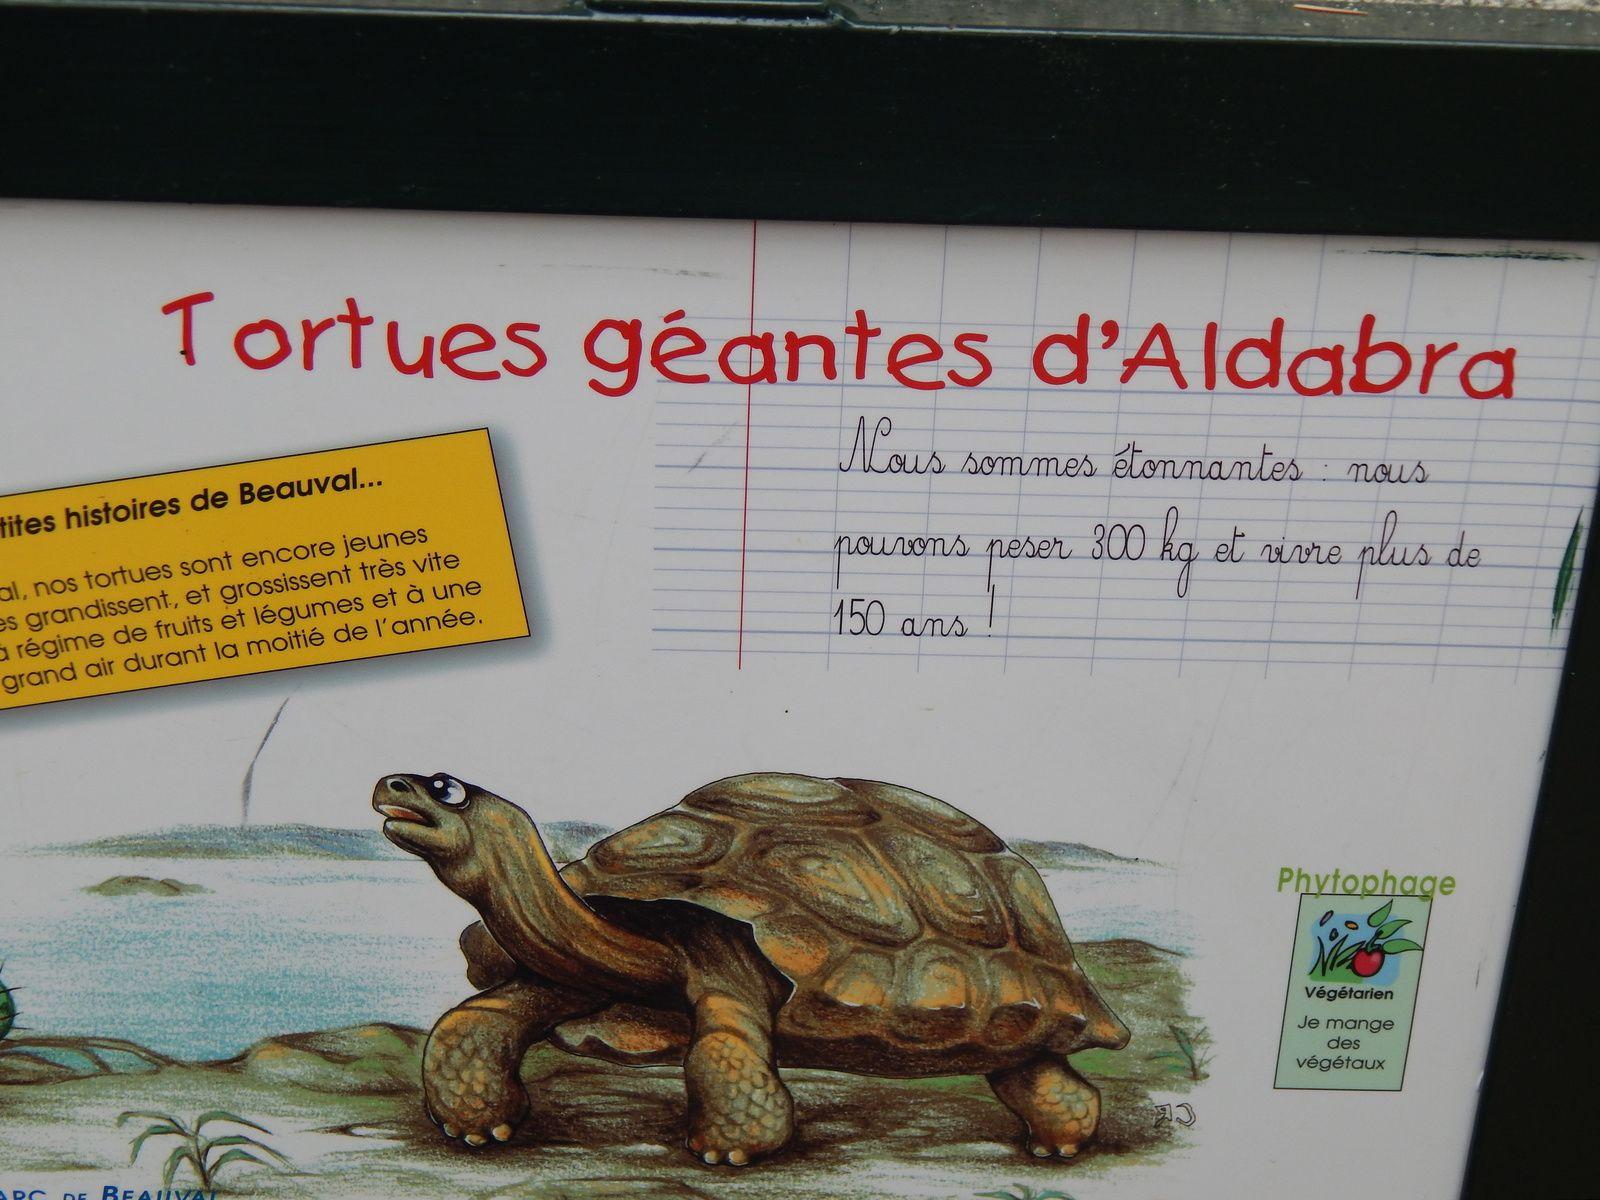 Tortues sillonnnées et tortues d'Aldabra